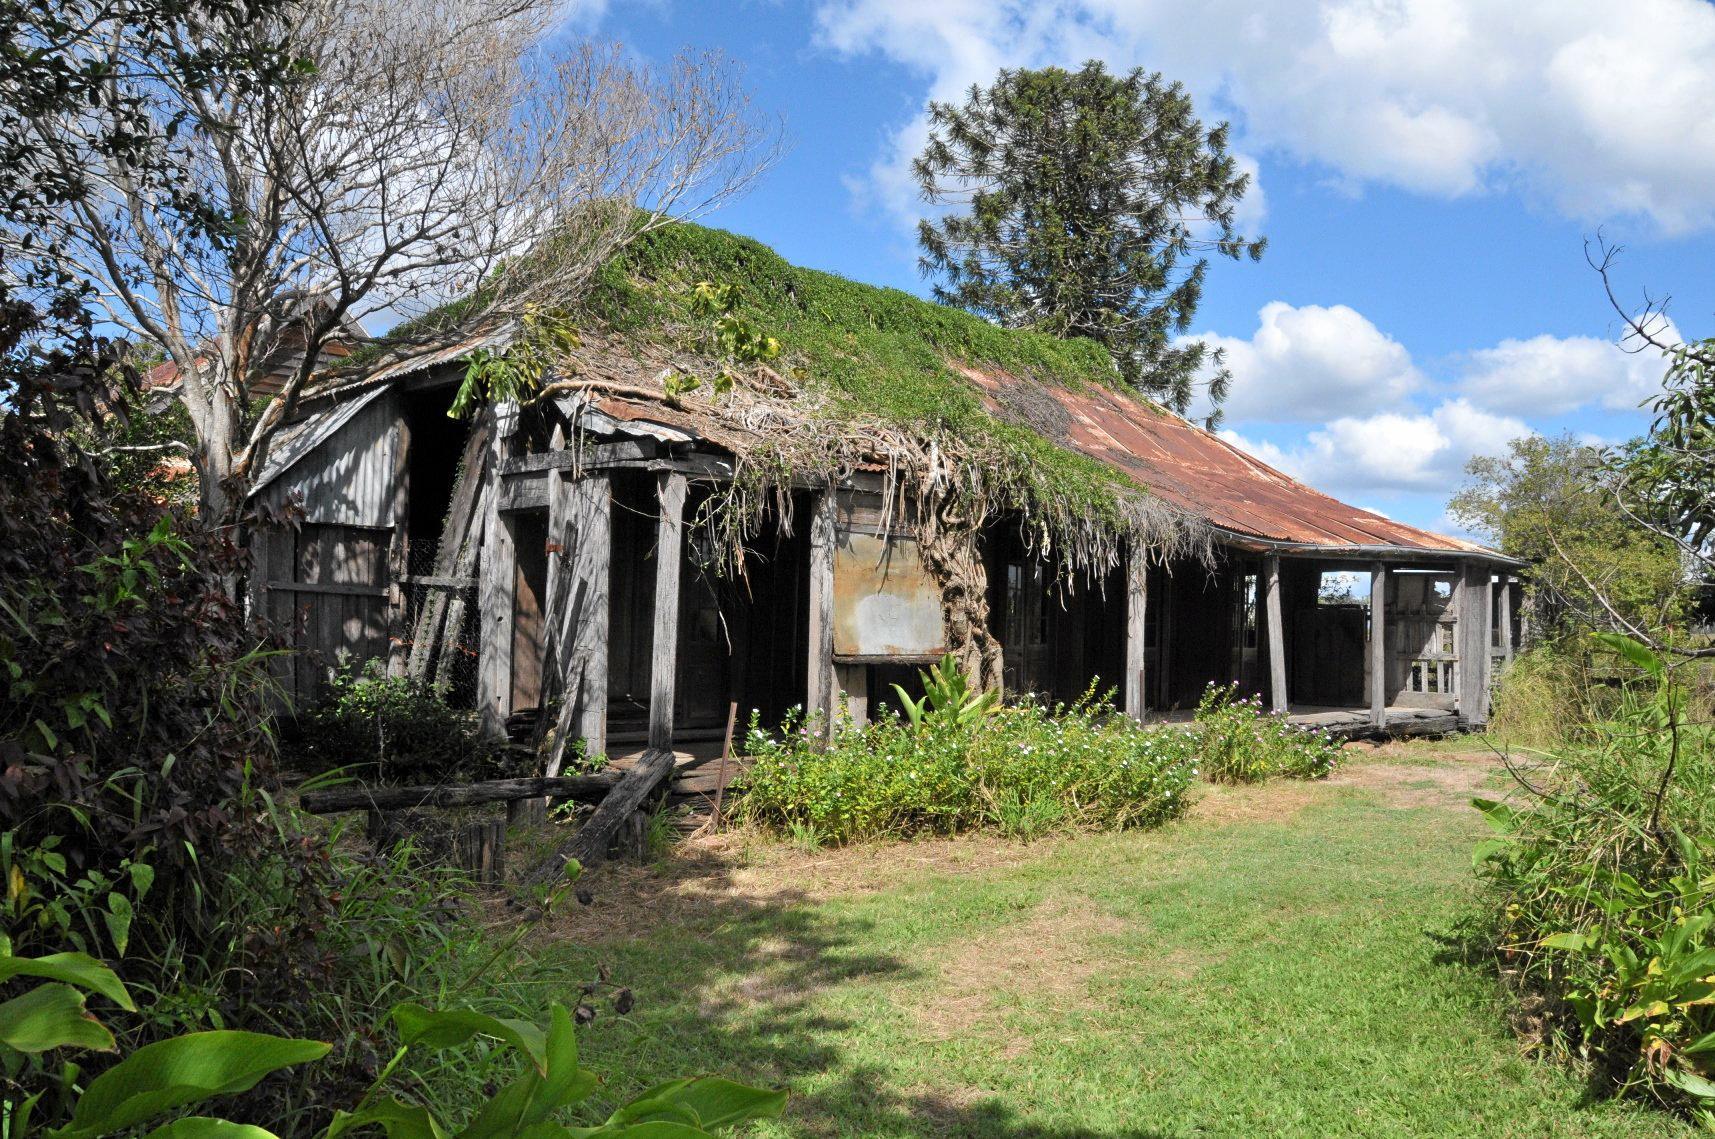 Rosedale Station slab hut.